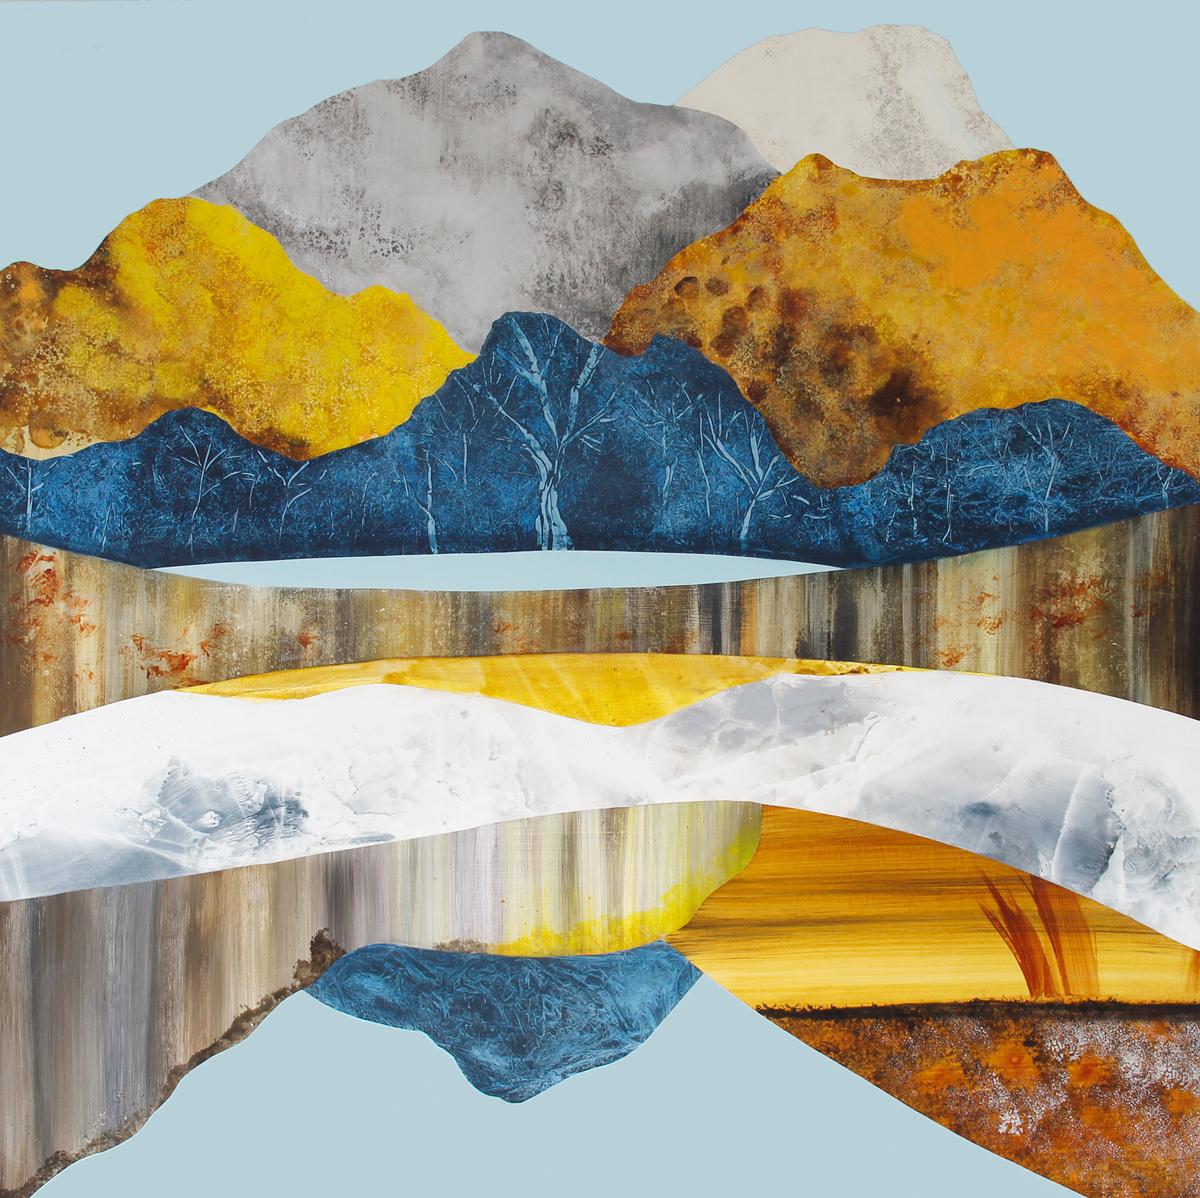 Mount-Rainier-Wilderness.jpg